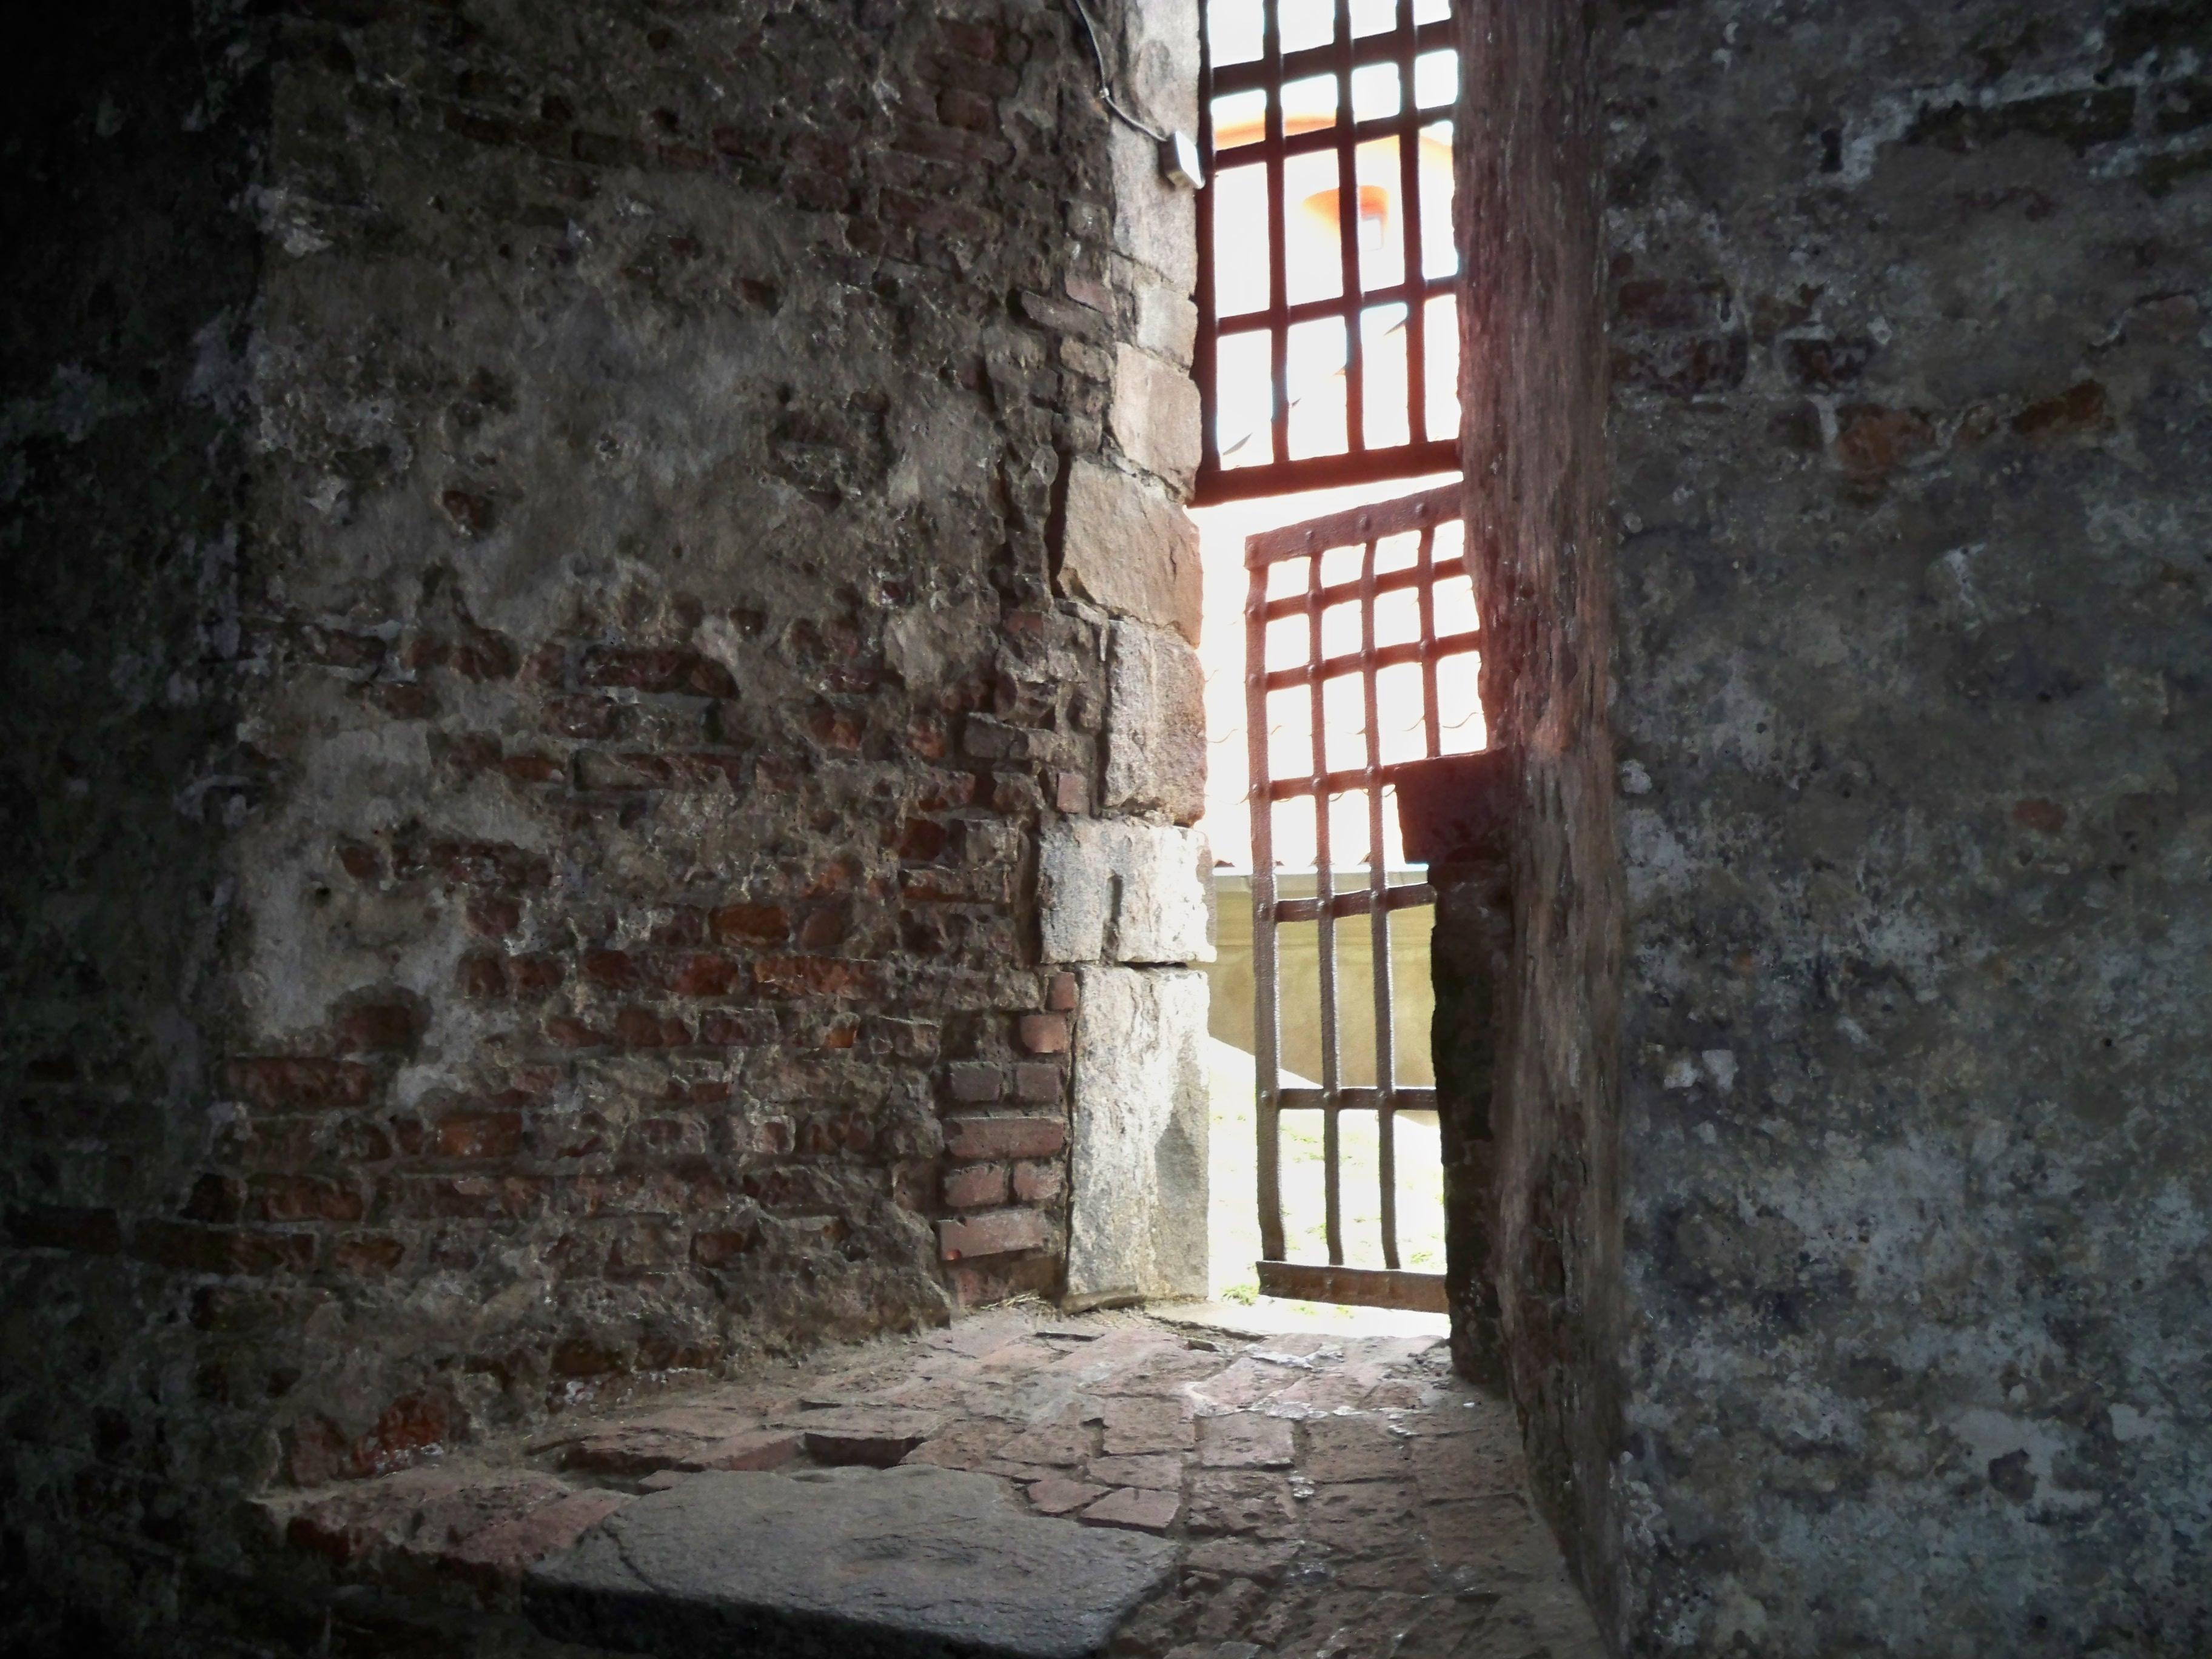 Vergittertes Fenster eines alten Gebäudes - Quelle: WikiCommons